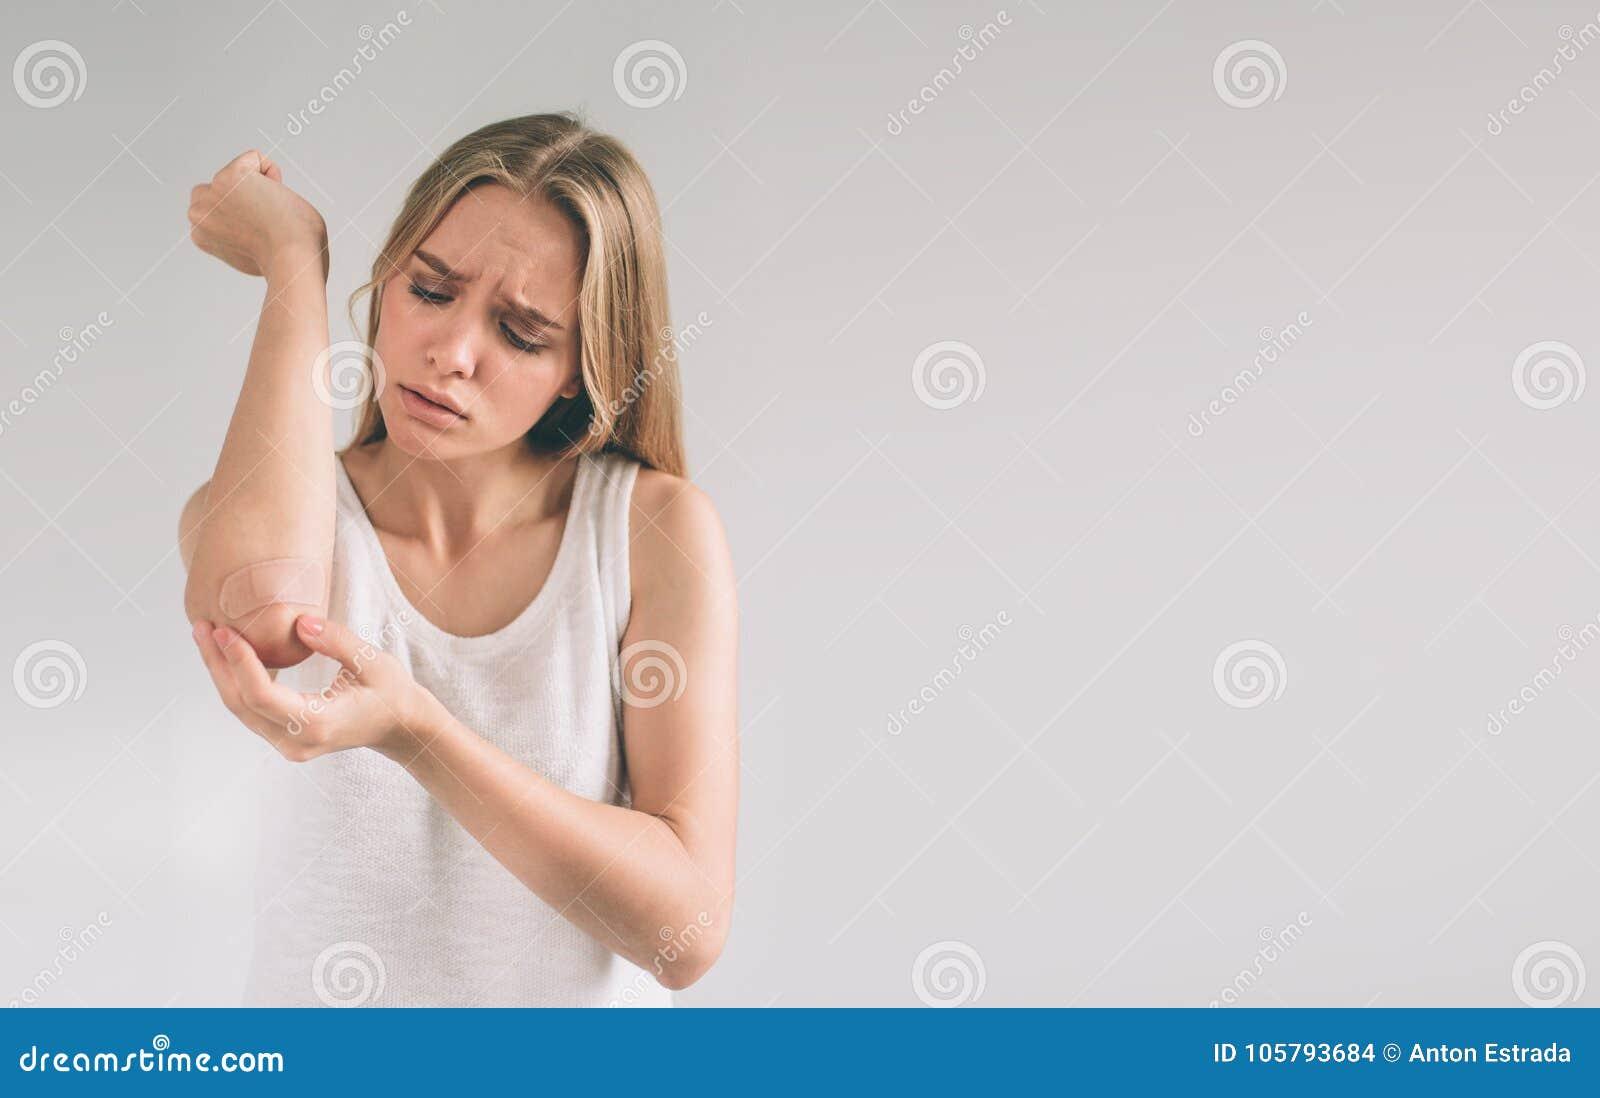 Sluit omhoog bruin verband of pleister op een verwonde die elleboog op witte achtergrond wordt geïsoleerd Vrouw die zelfklevend v